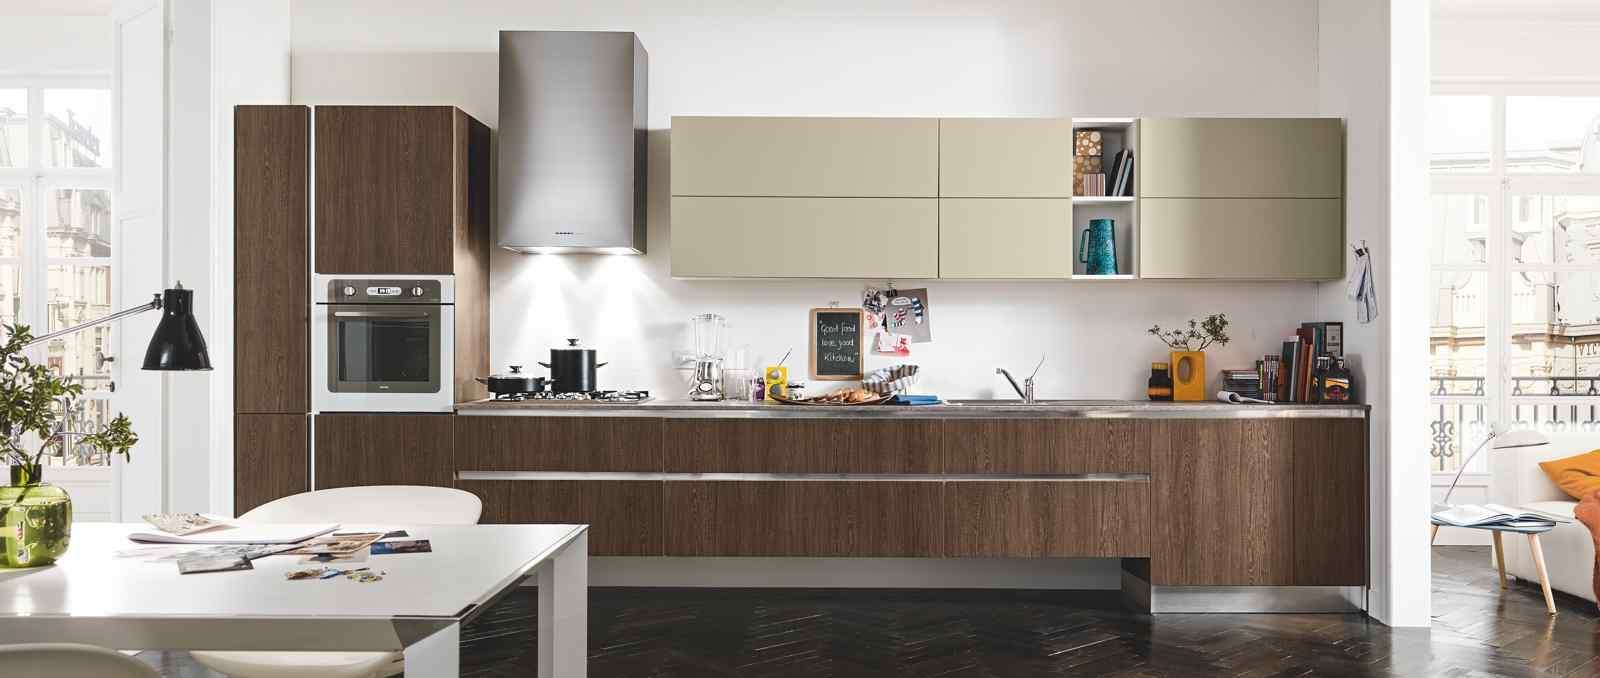 De style appartement parisien cette cuisine mélange des façades effet chêne foncé et sable mat avec un coté très graphique.